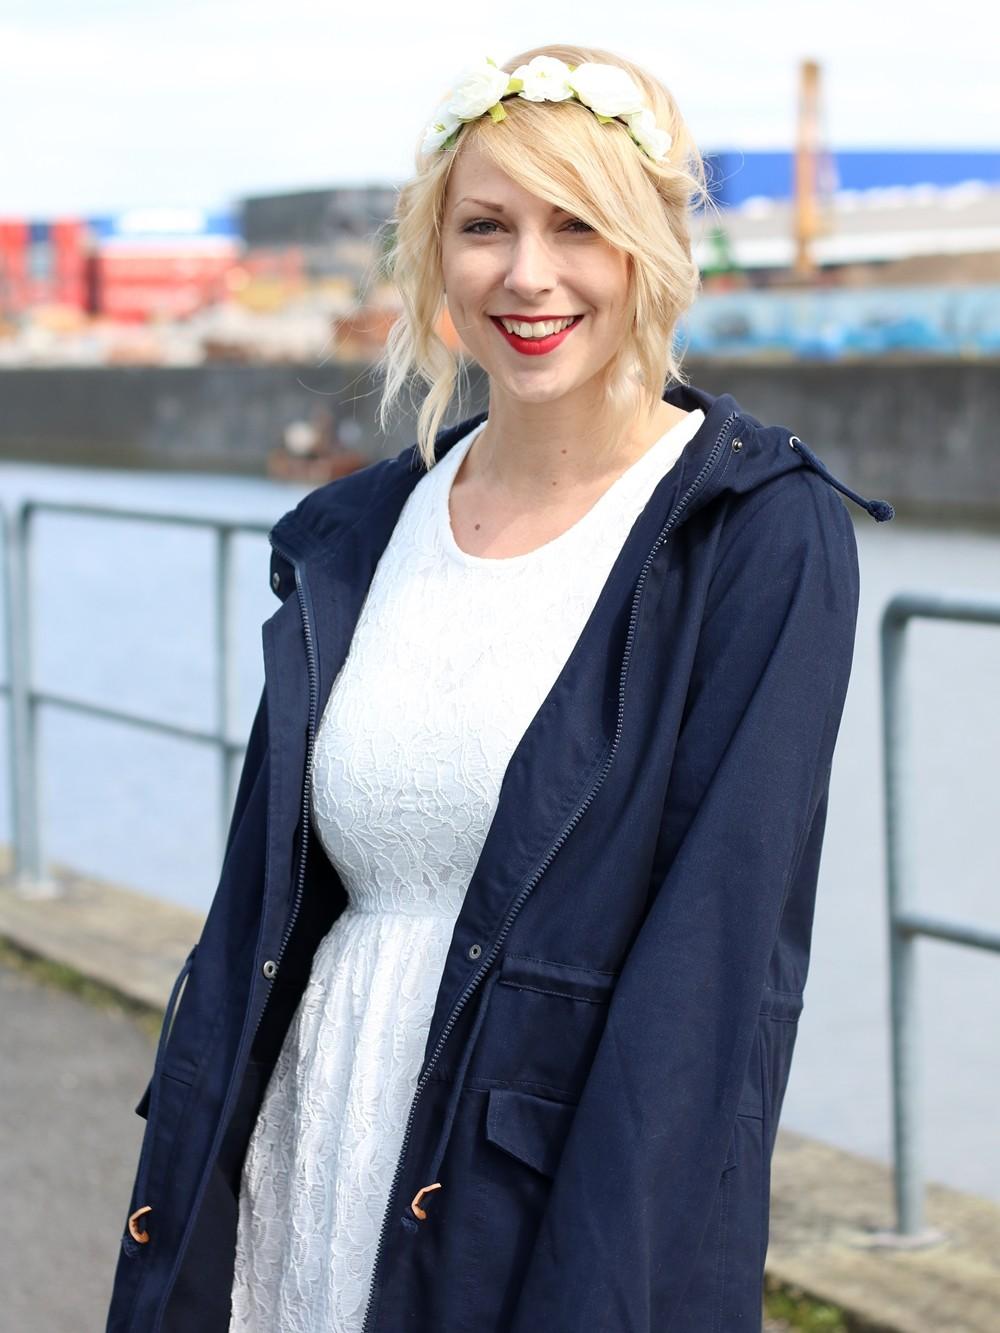 Fashionblogger Outfit Gummistiefel Asos Spitzenkleid blauer Parka Blumenhaarband (8)